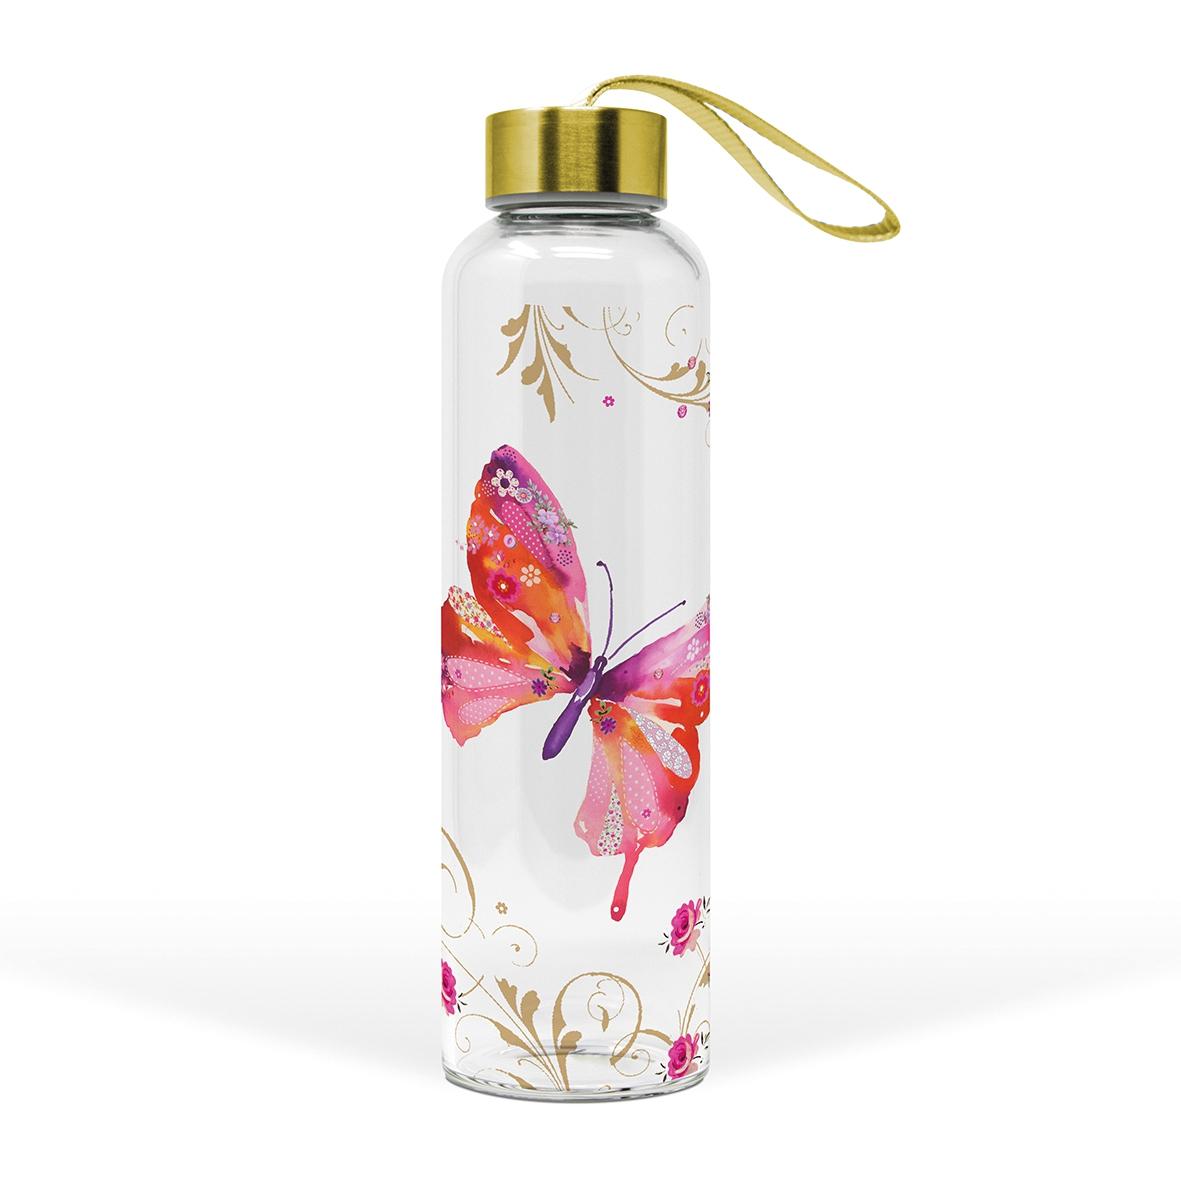 Glasflasche - Hübscher Schmetterling